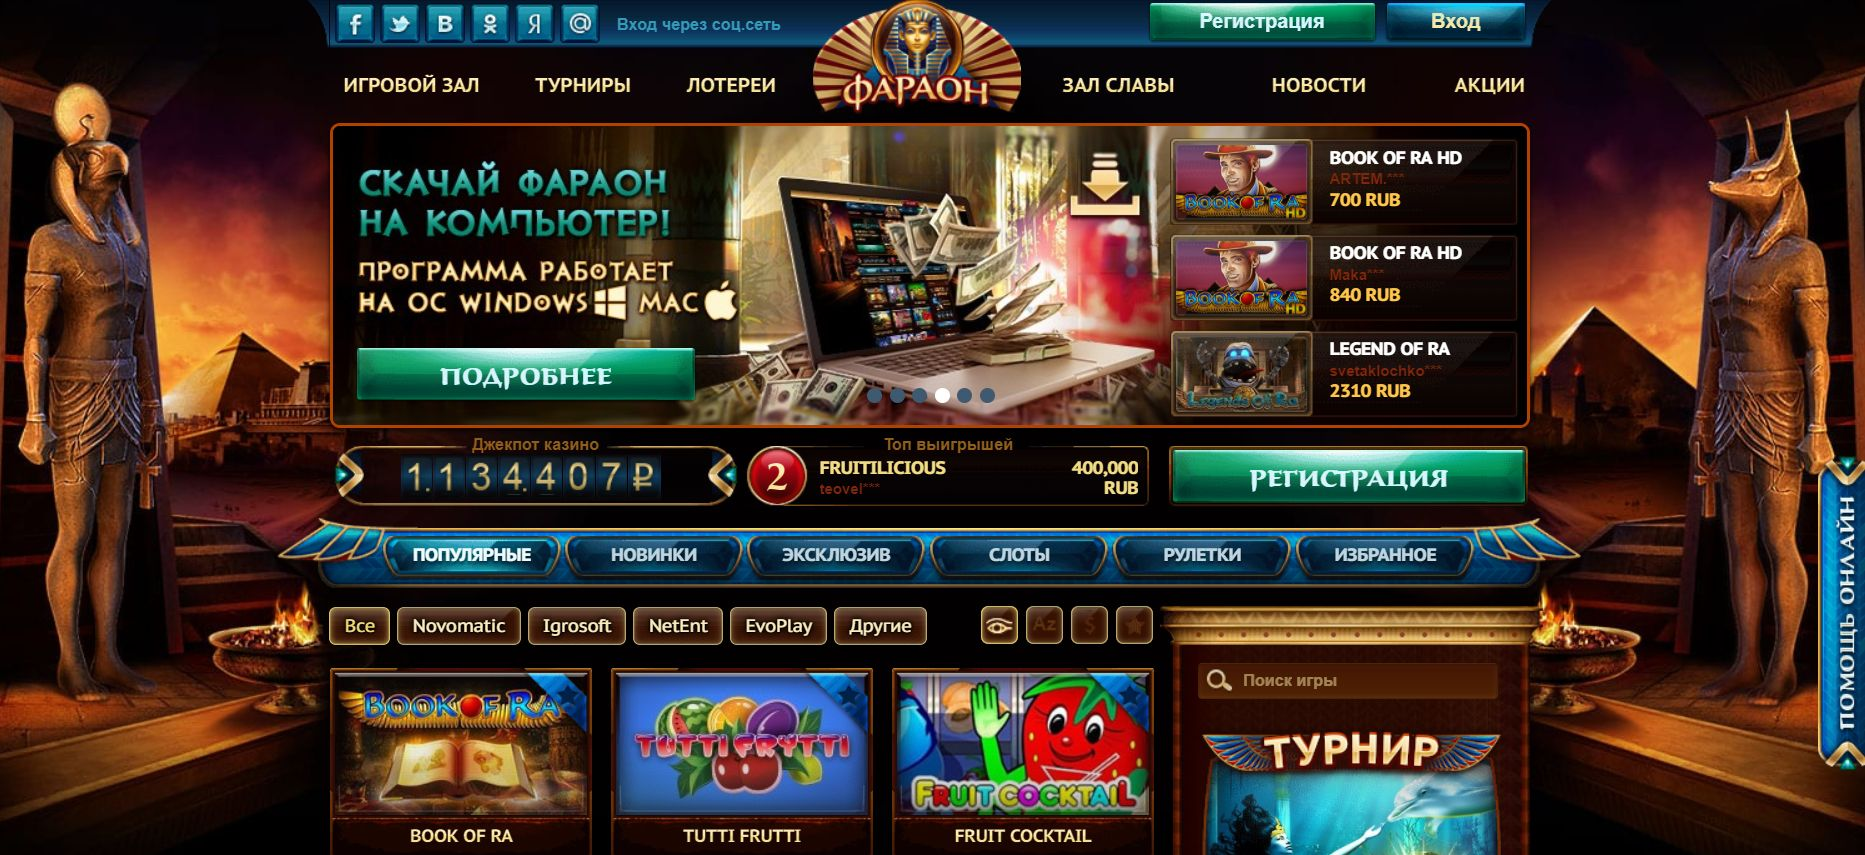 Казино Фараон - Официальный сайт